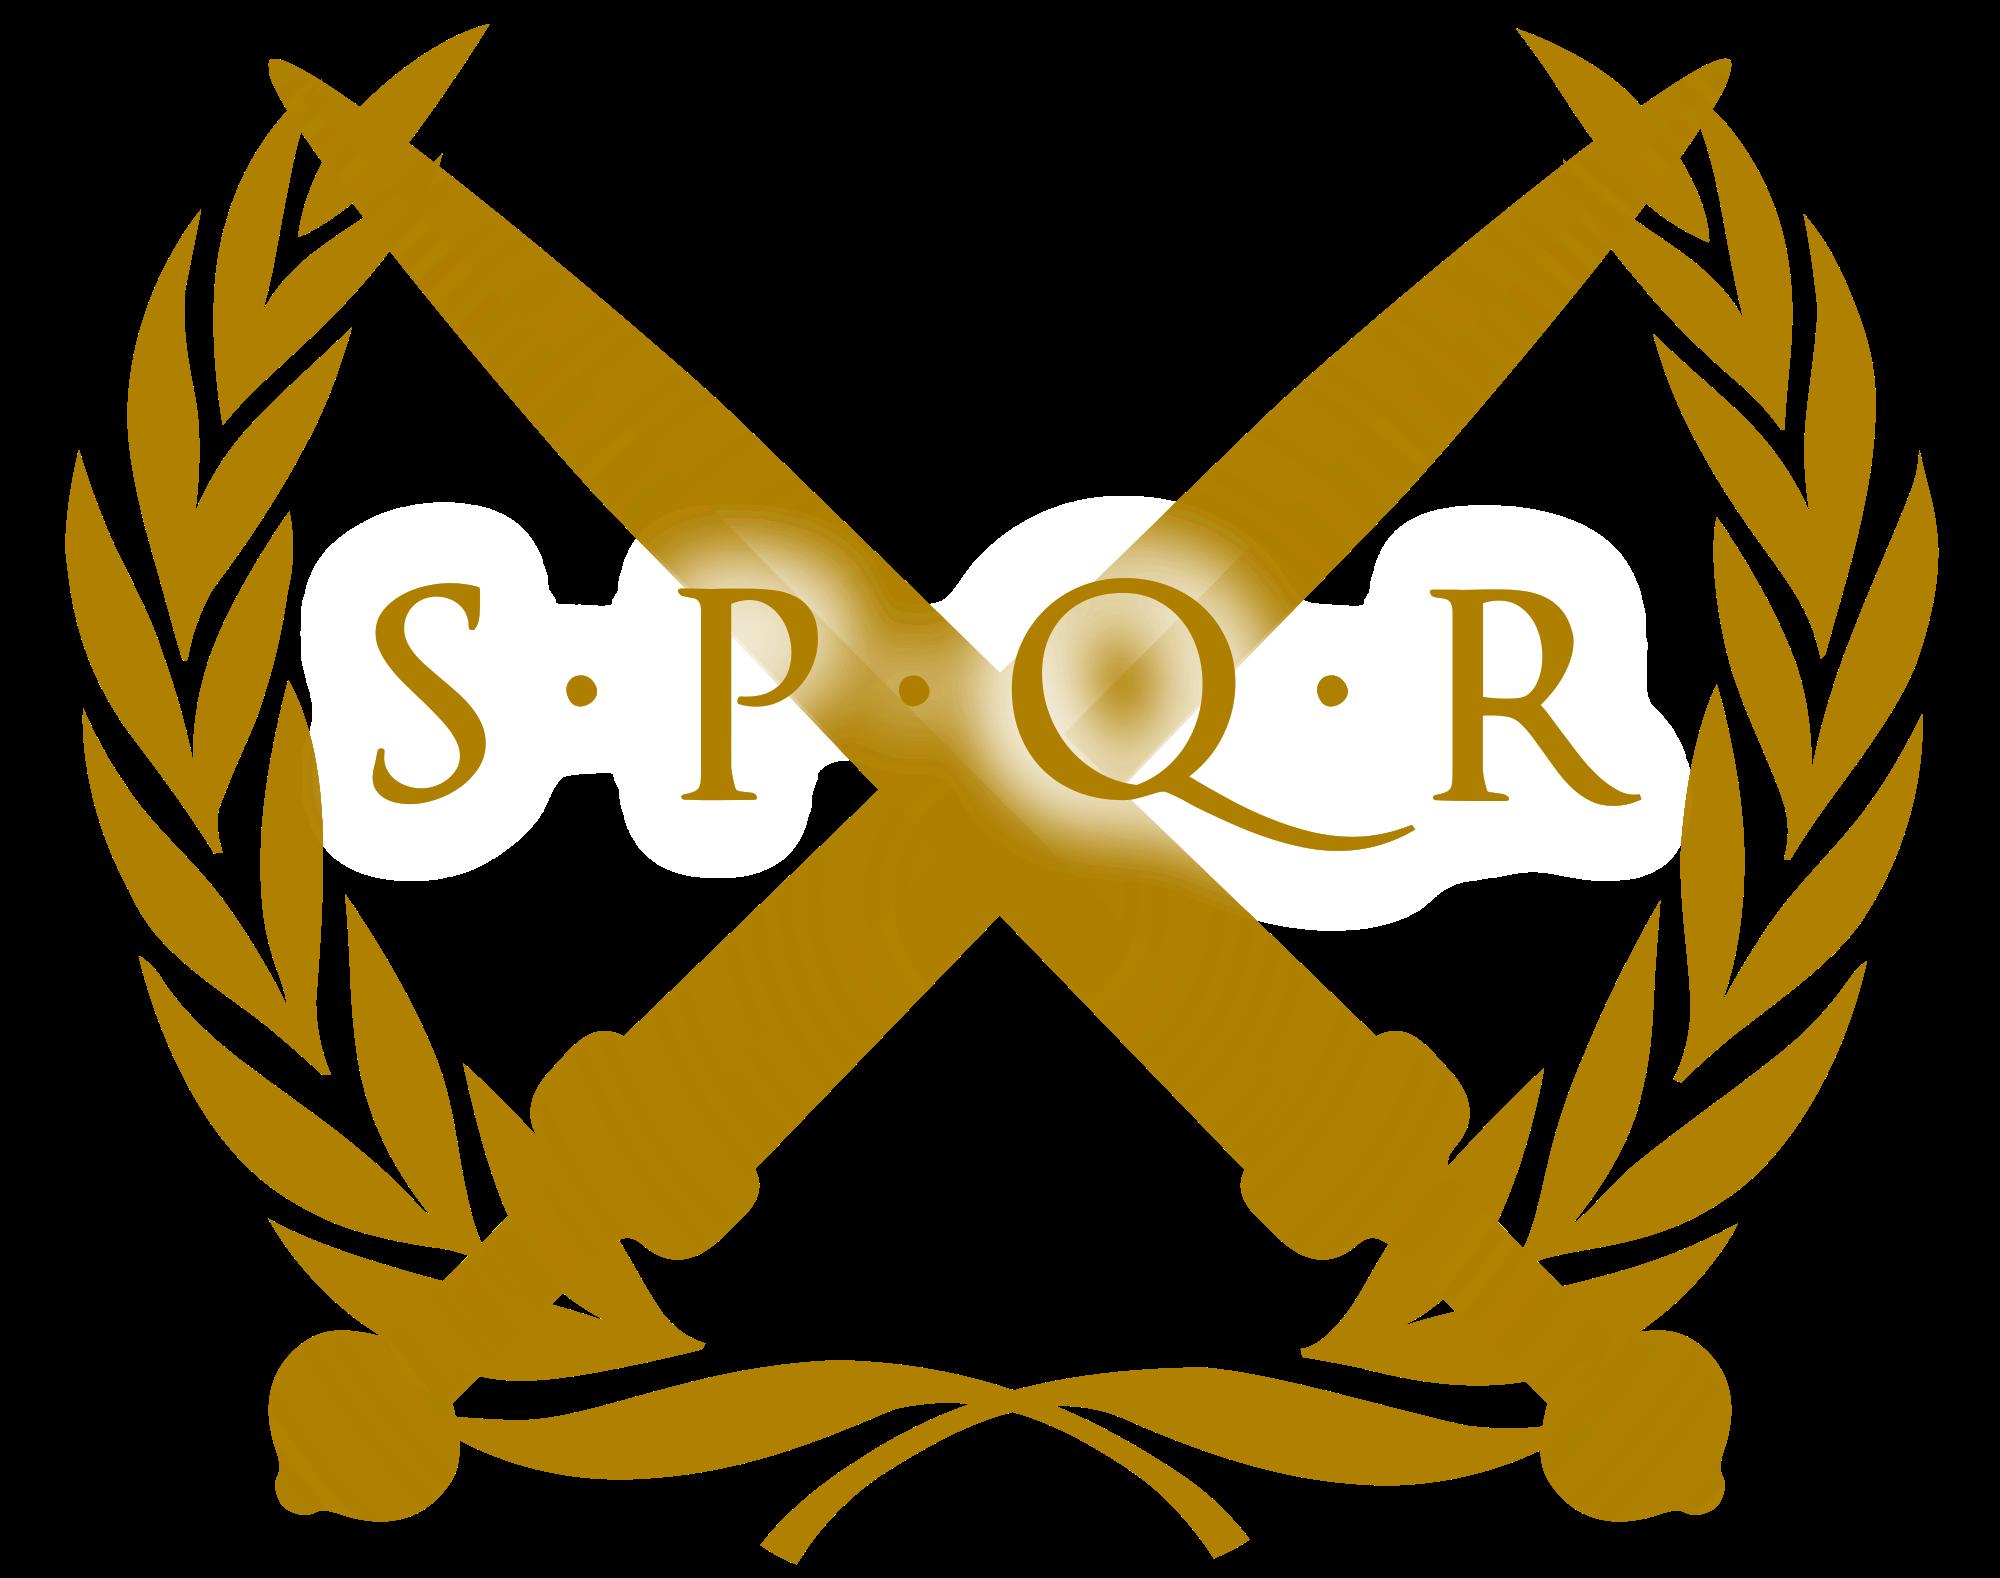 Rome clipart spqr Rome vector  spqr senatus_populus_que_romanus